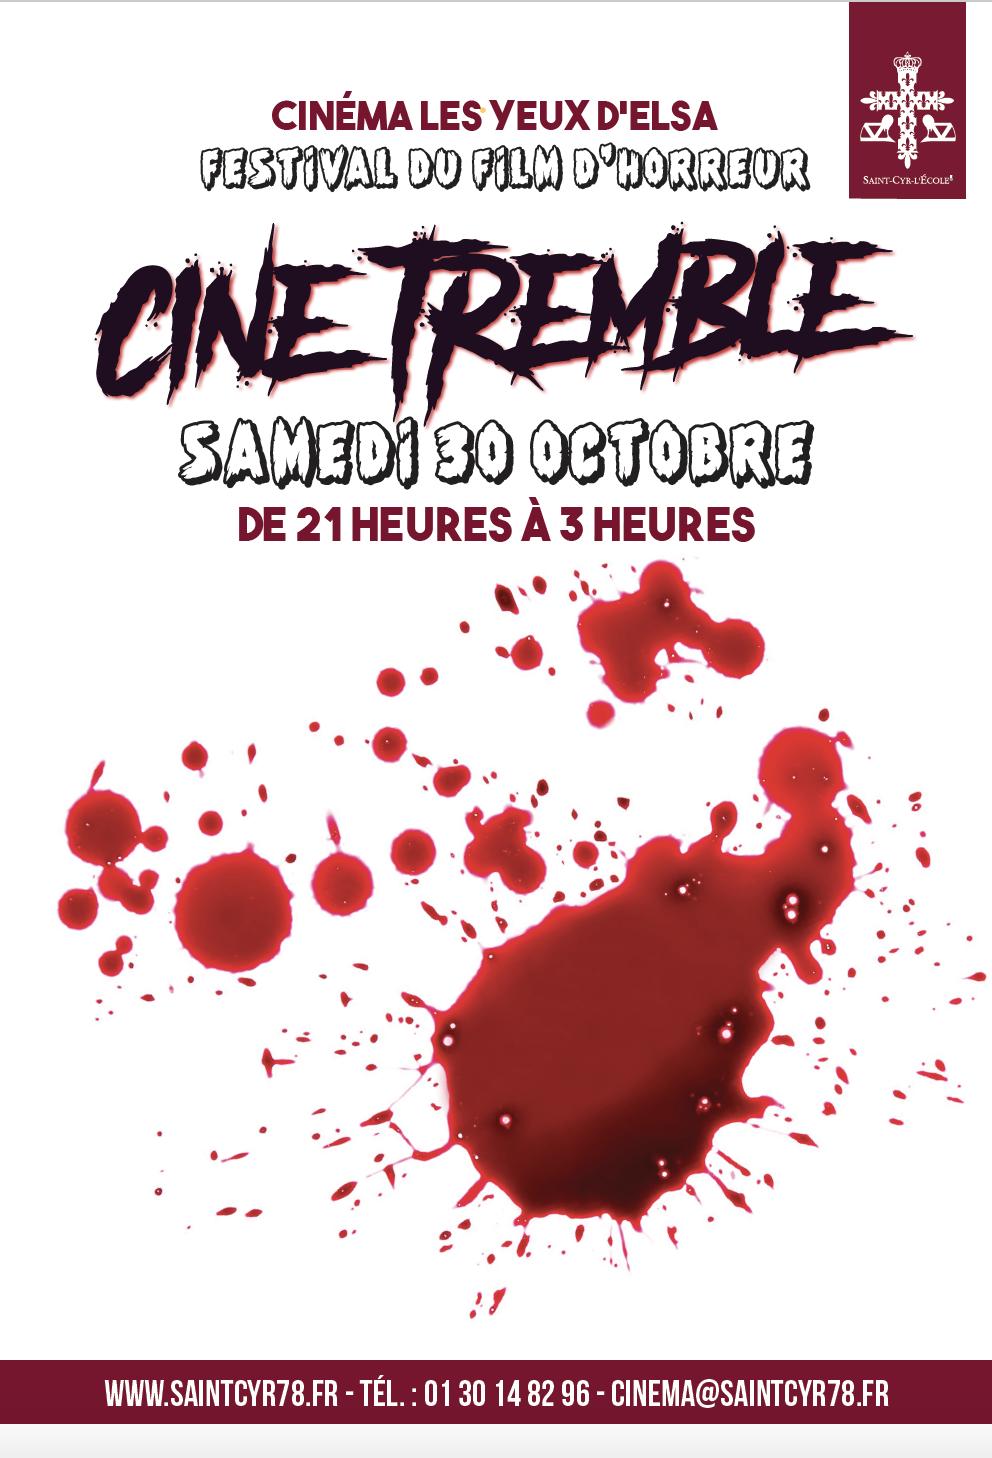 Ciné Tremble